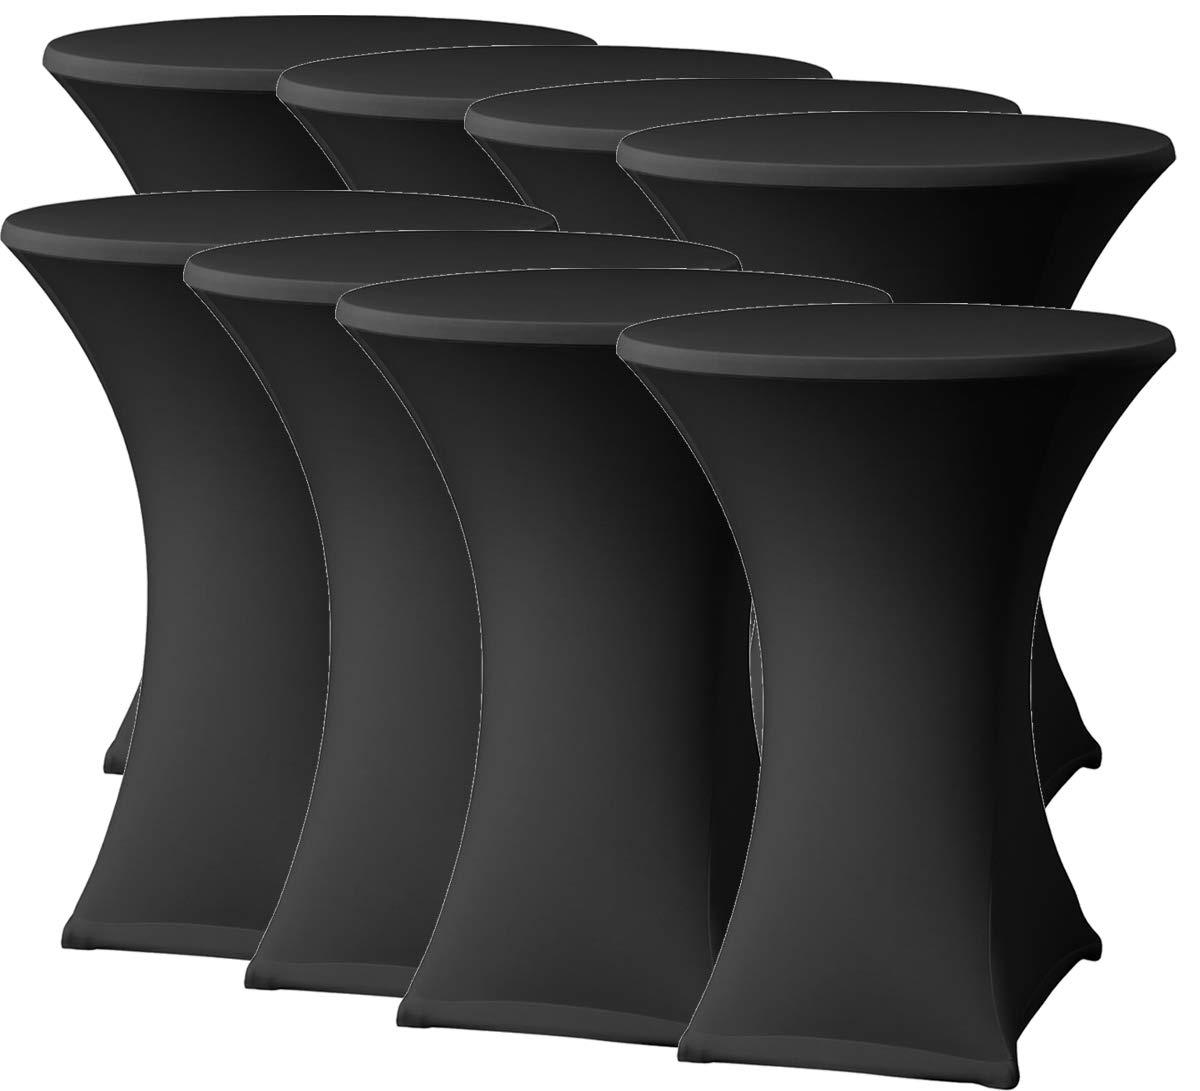 f/ête /à Cocktail Leertheorie Rock Table Mange-Debout en Tissu Stretch pour Table de bistrot 80-85 x 110 cm Convient pour Les h/ôtes d/év/énement Housse de Table Noir Mariage